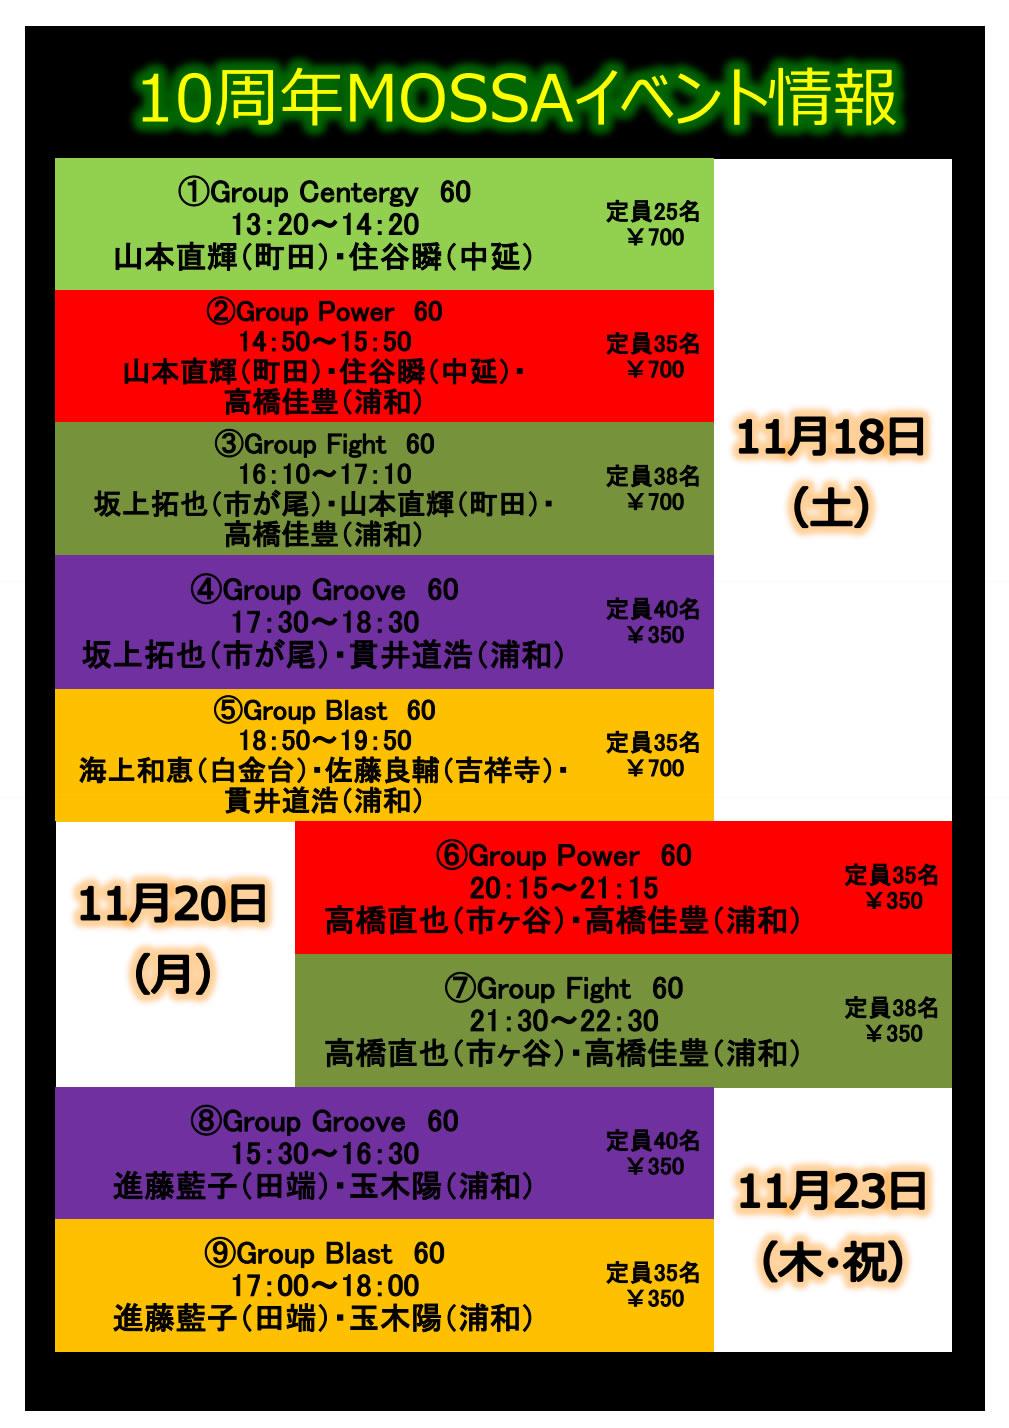 10周年★メガロス浦和パルコ★MOSSAイベント【11/18土20月23木】埼玉